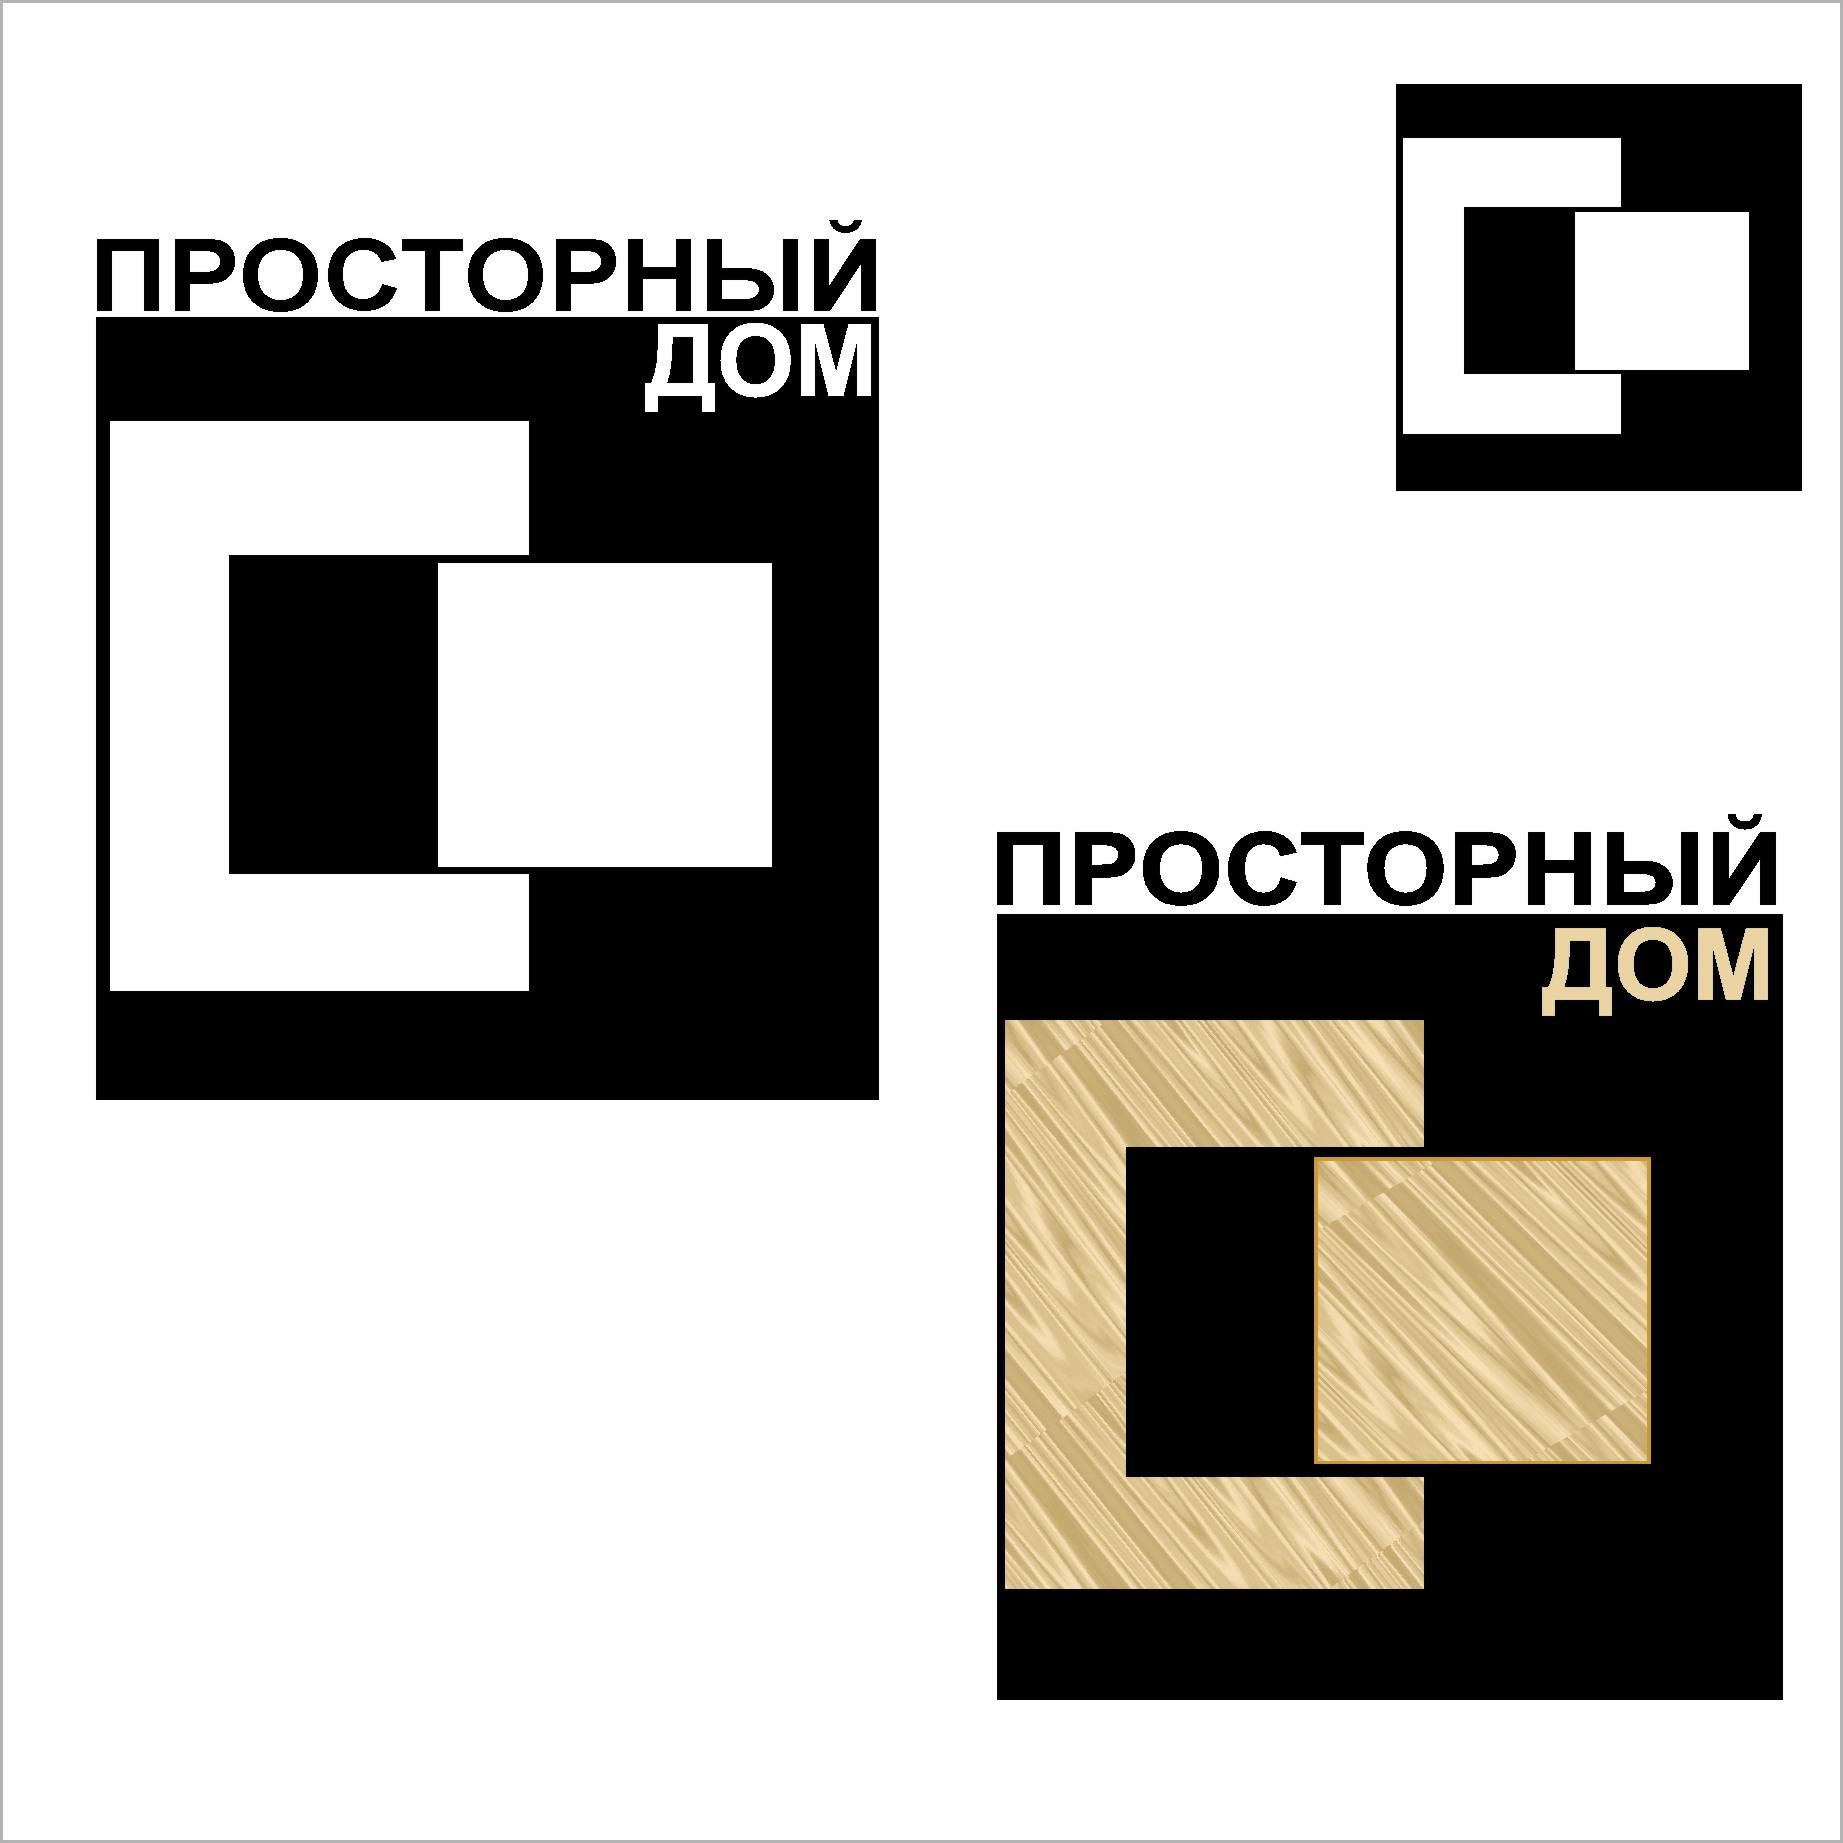 Логотип и фирменный стиль для компании по шкафам-купе фото f_2455b6ad5a766814.jpg